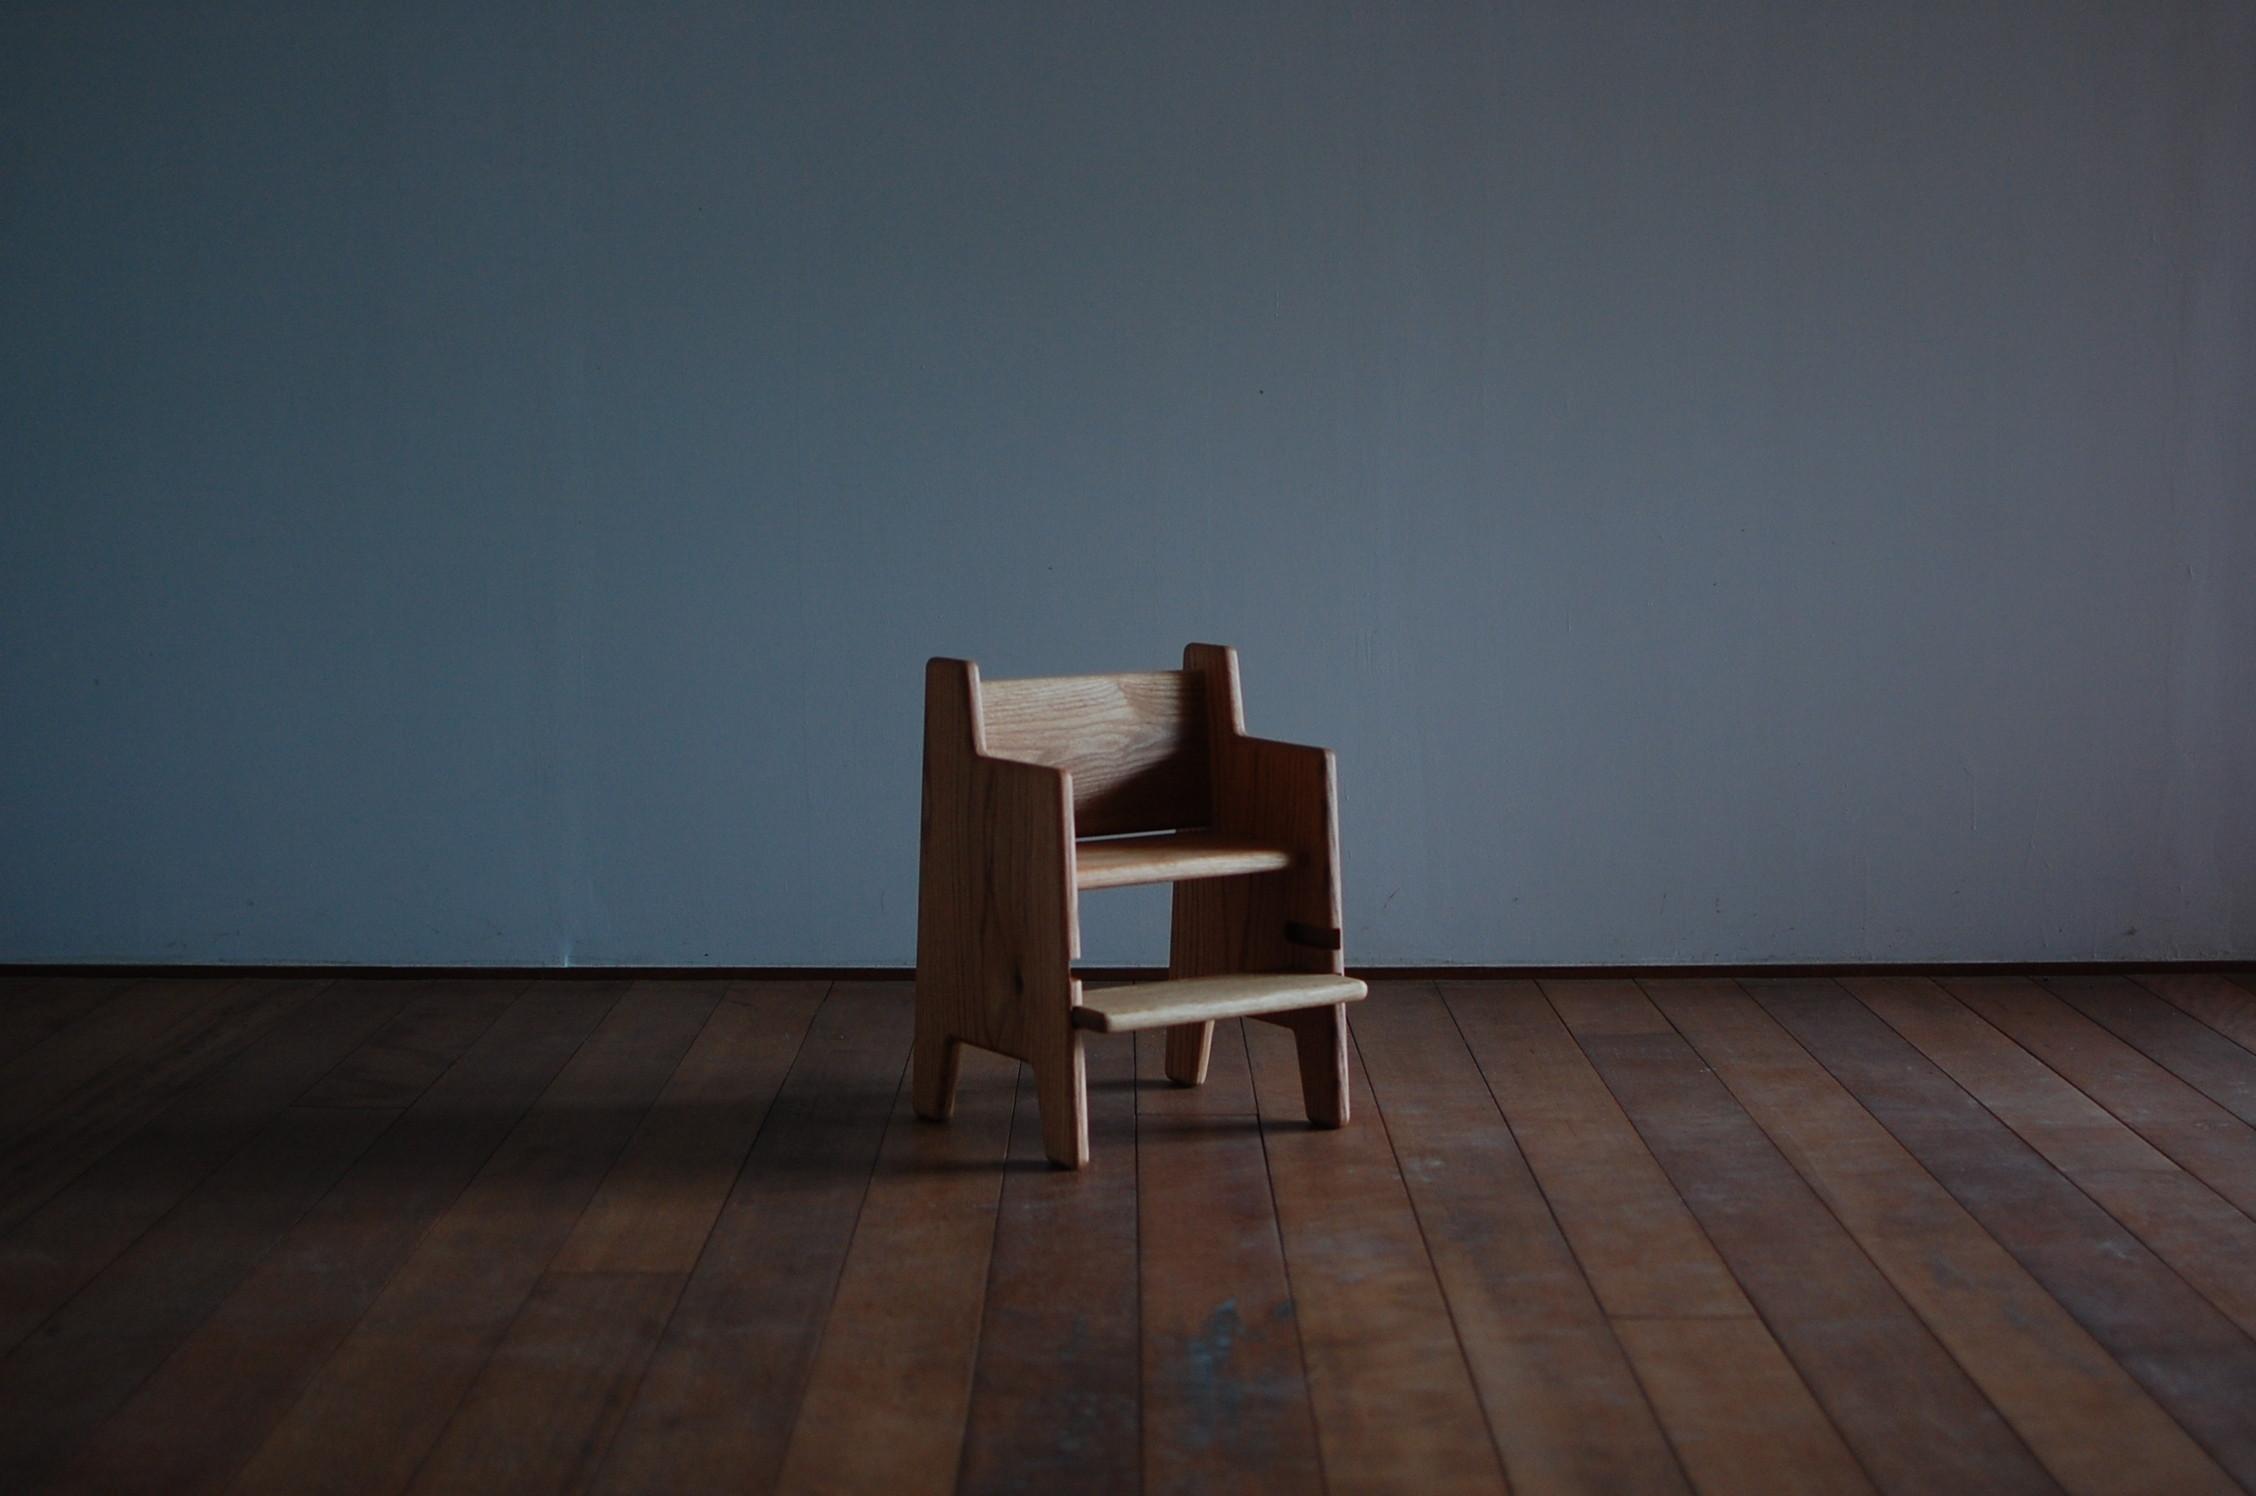 子供椅子_c0077600_9394995.jpg